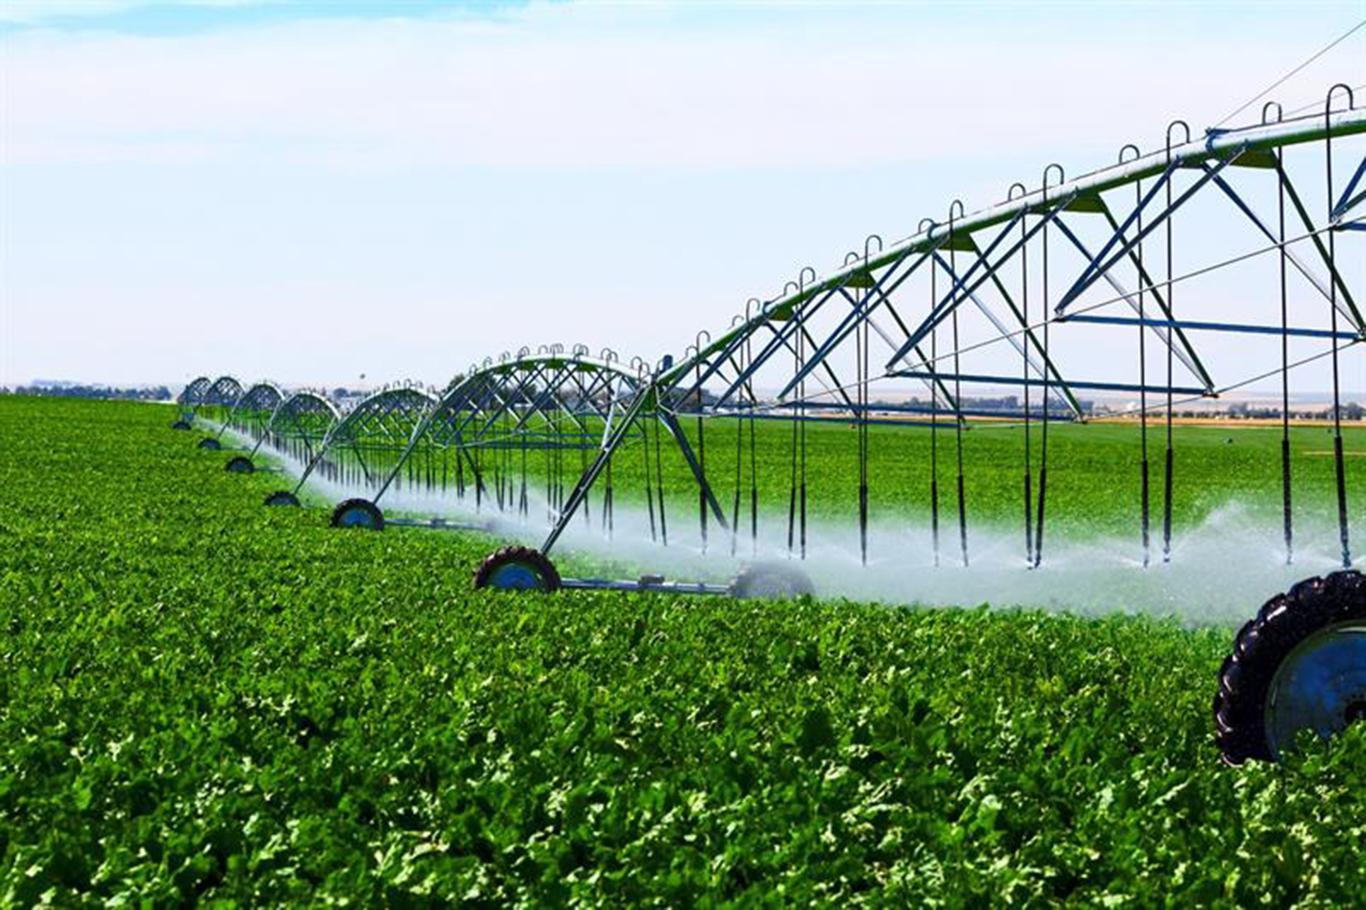 Türkiyenin en büyük tarım işletmesi Ceylanpınarda 60 bin dekar arazi sulamaya açılacak.